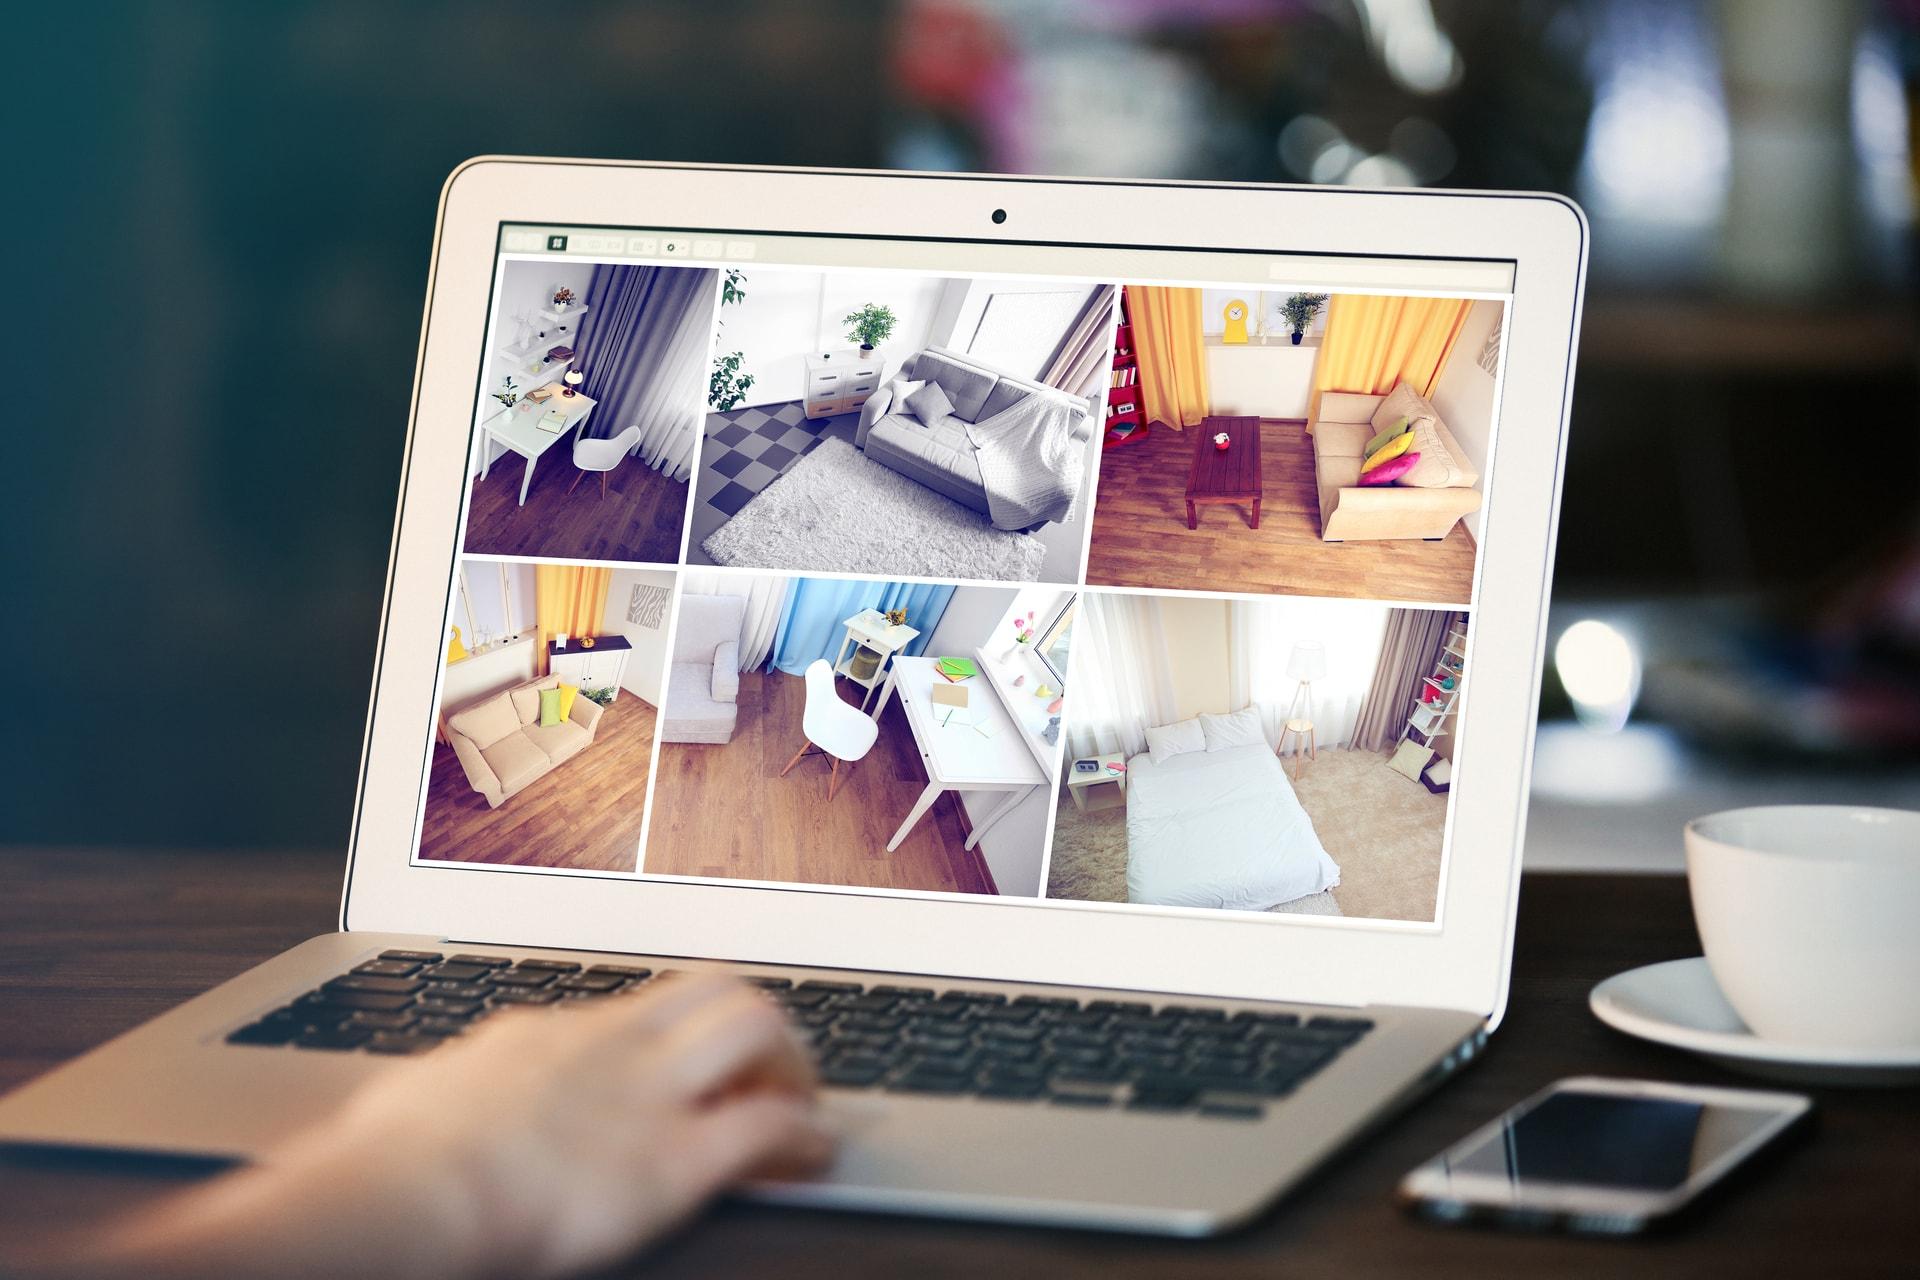 Vrouw raadpleegt haar huisbeveiliging op de laptop vanop afstand dankzij GW Security Group